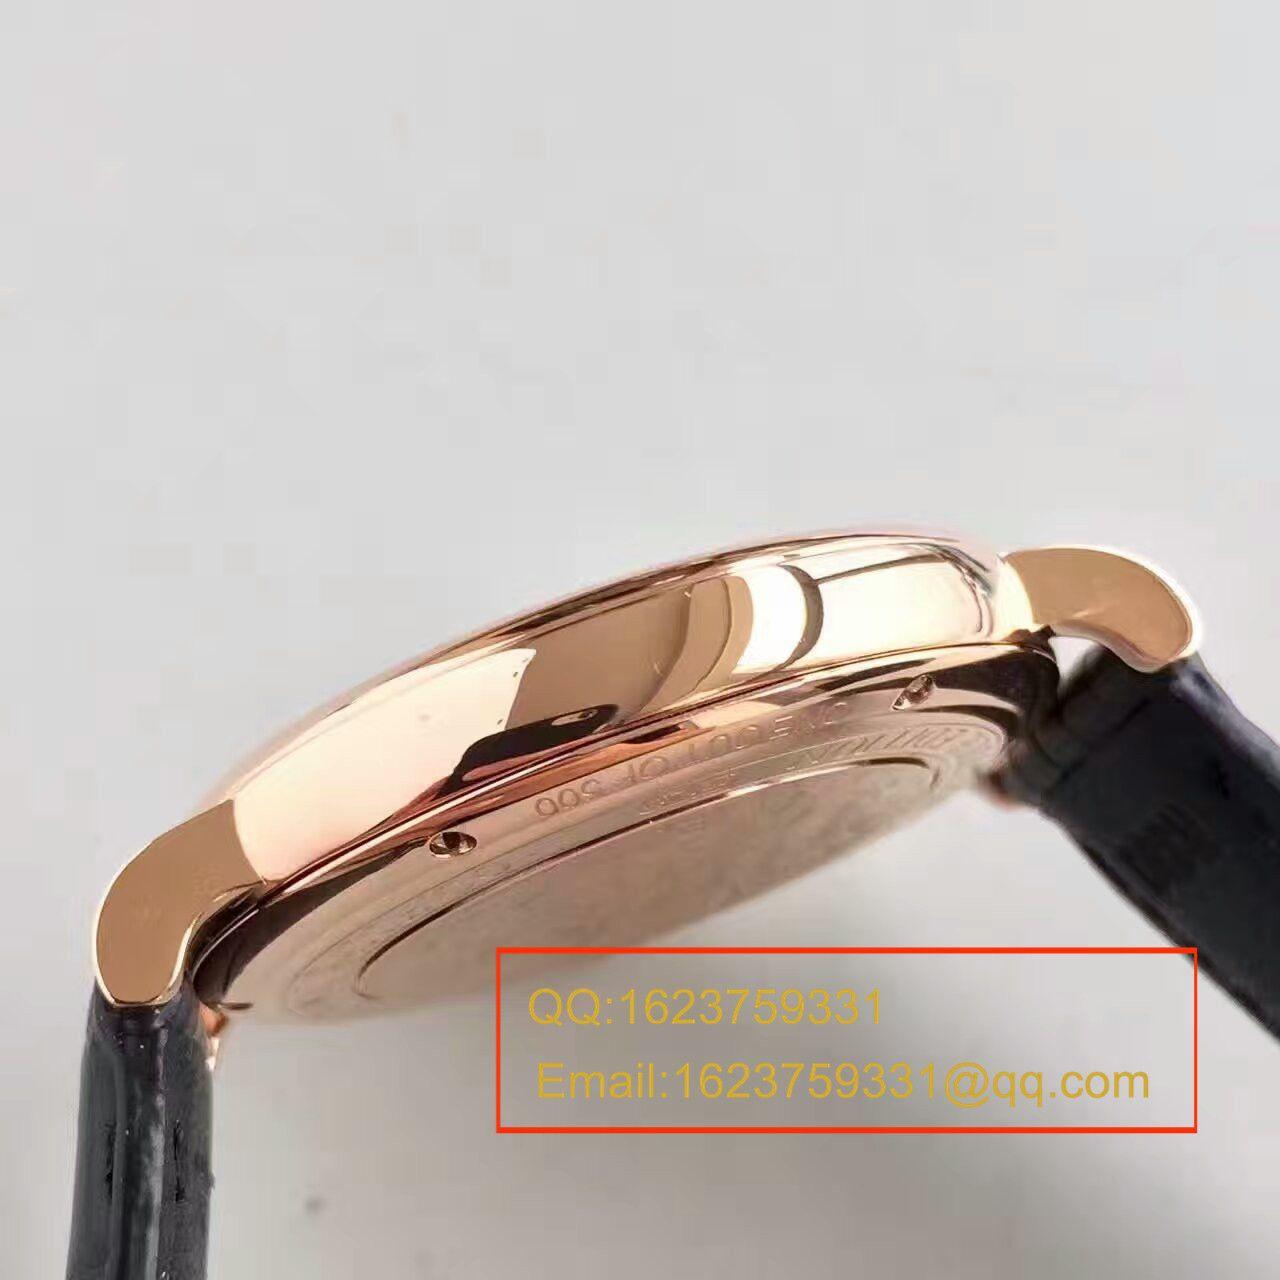 【独家视频测评MK厂1:1超A高仿手表】万国柏涛菲诺系列IW356511腕表 / WG054